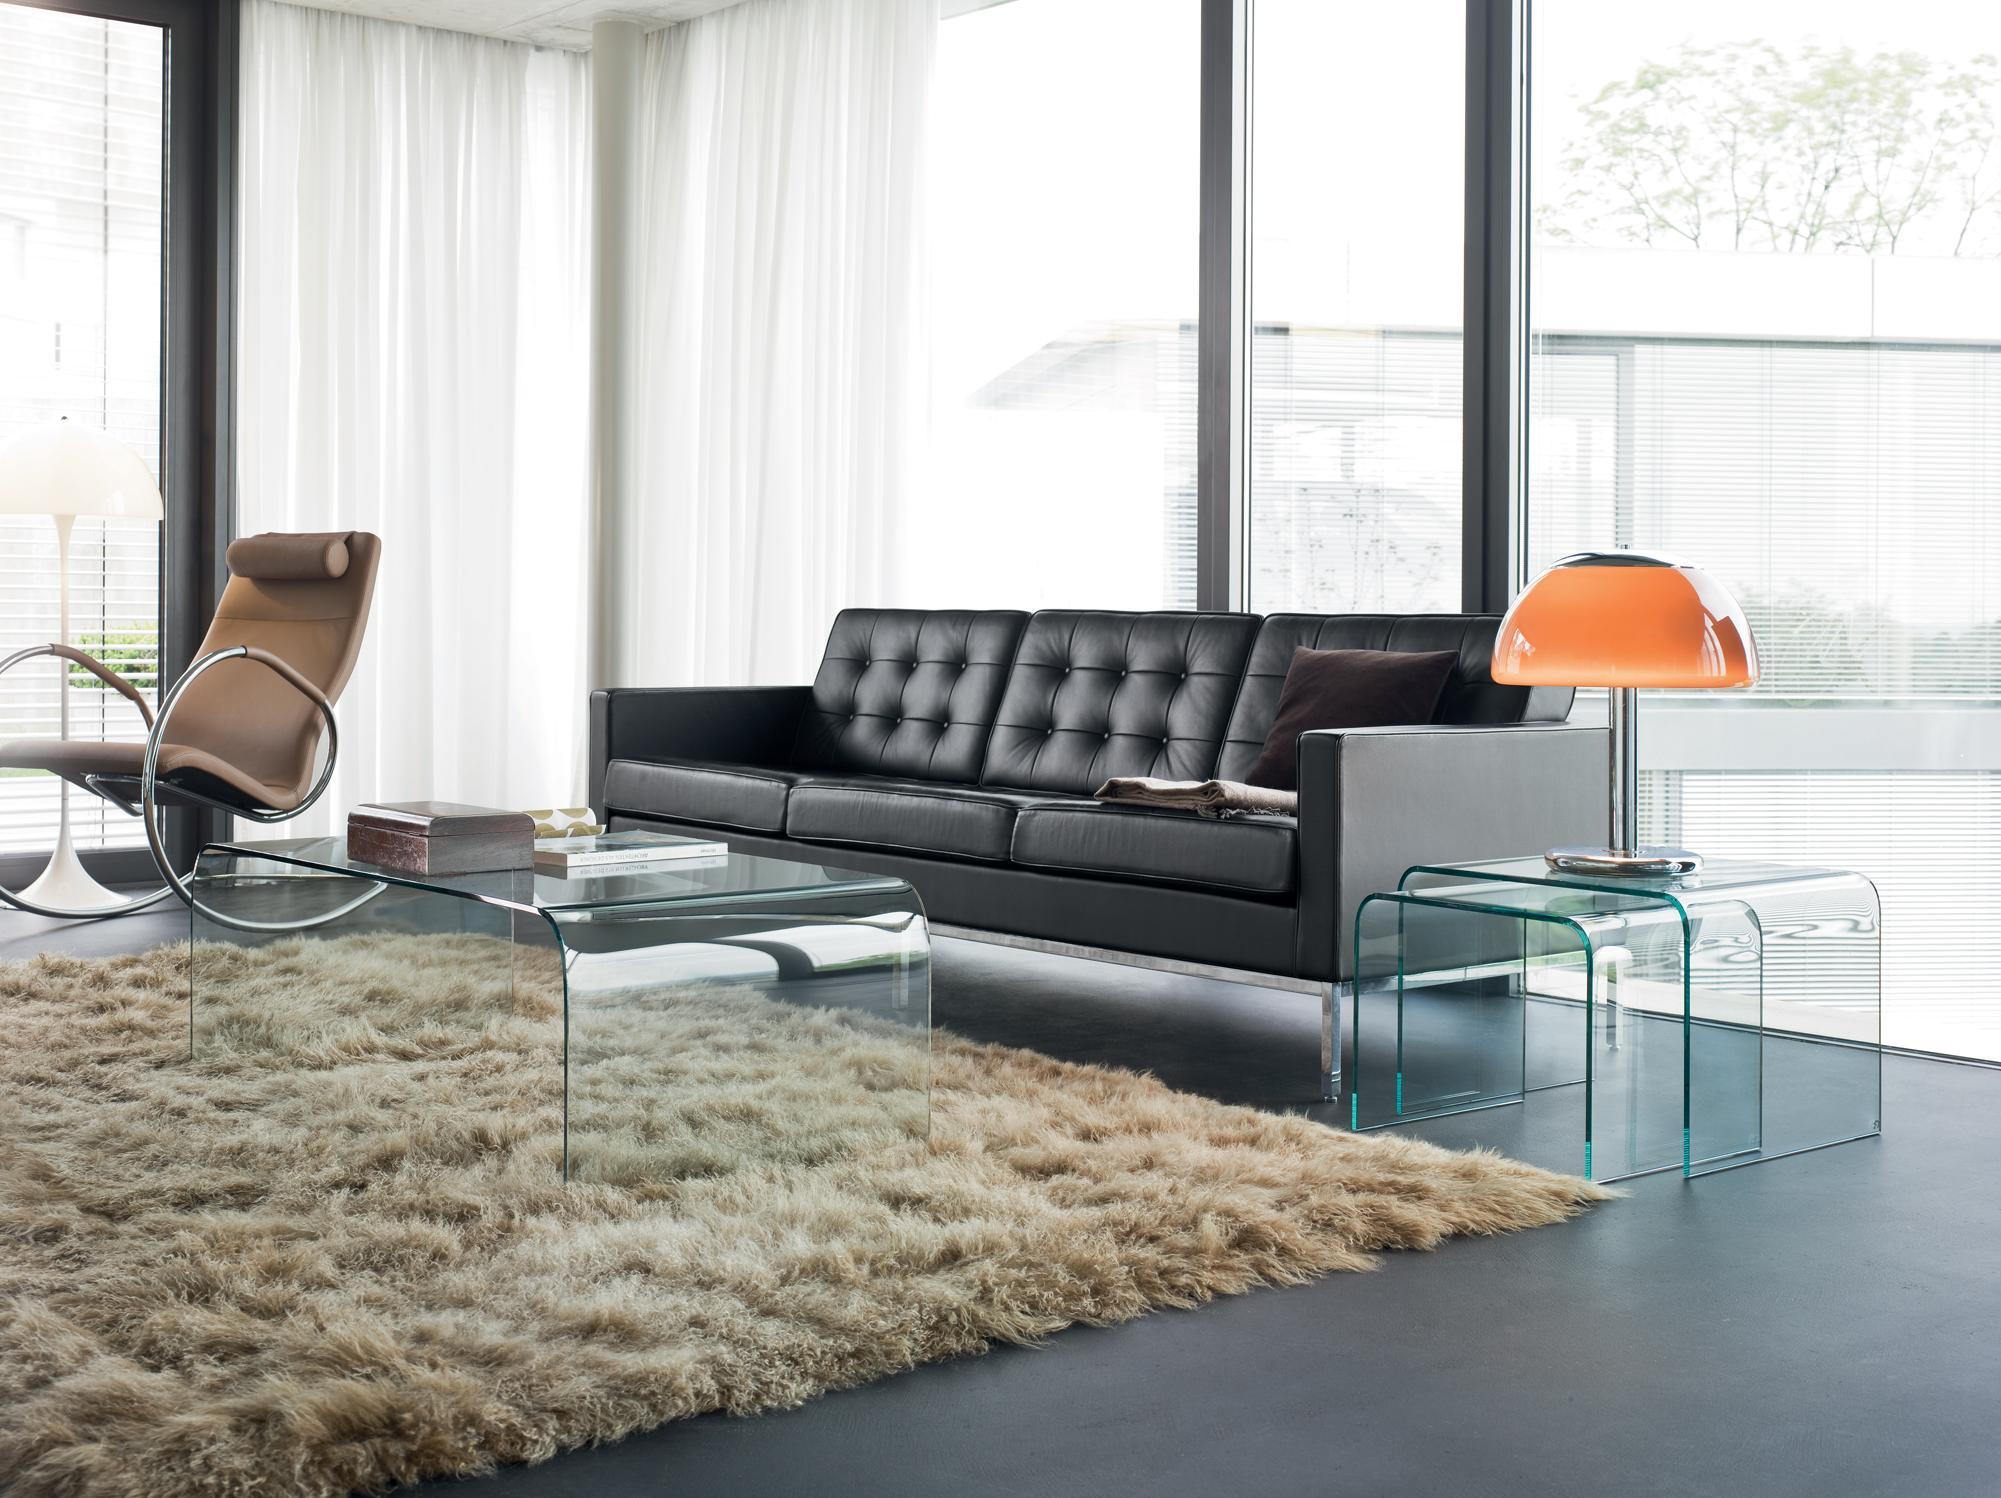 schwarzes ledersofa ? bilder & ideen ? couchstyle - Wohnzimmer Ideen Schwarzes Sofa